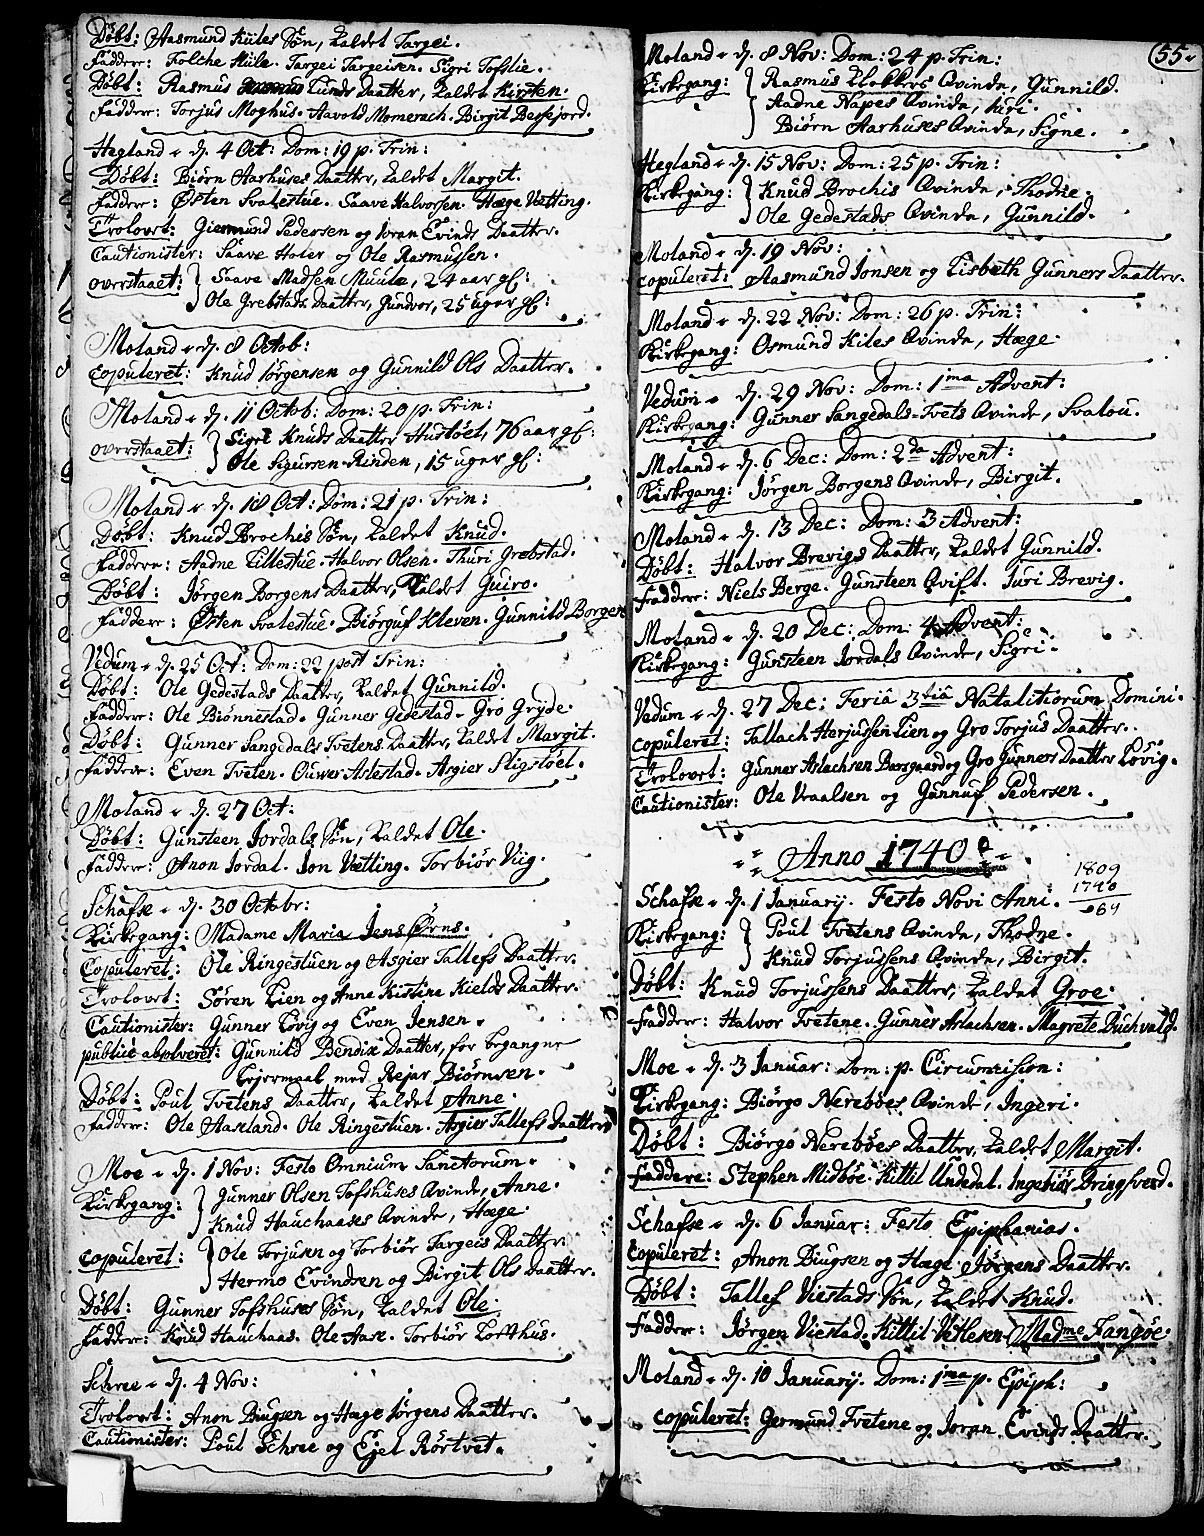 SAKO, Fyresdal kirkebøker, F/Fa/L0001: Ministerialbok nr. I 1, 1724-1748, s. 55